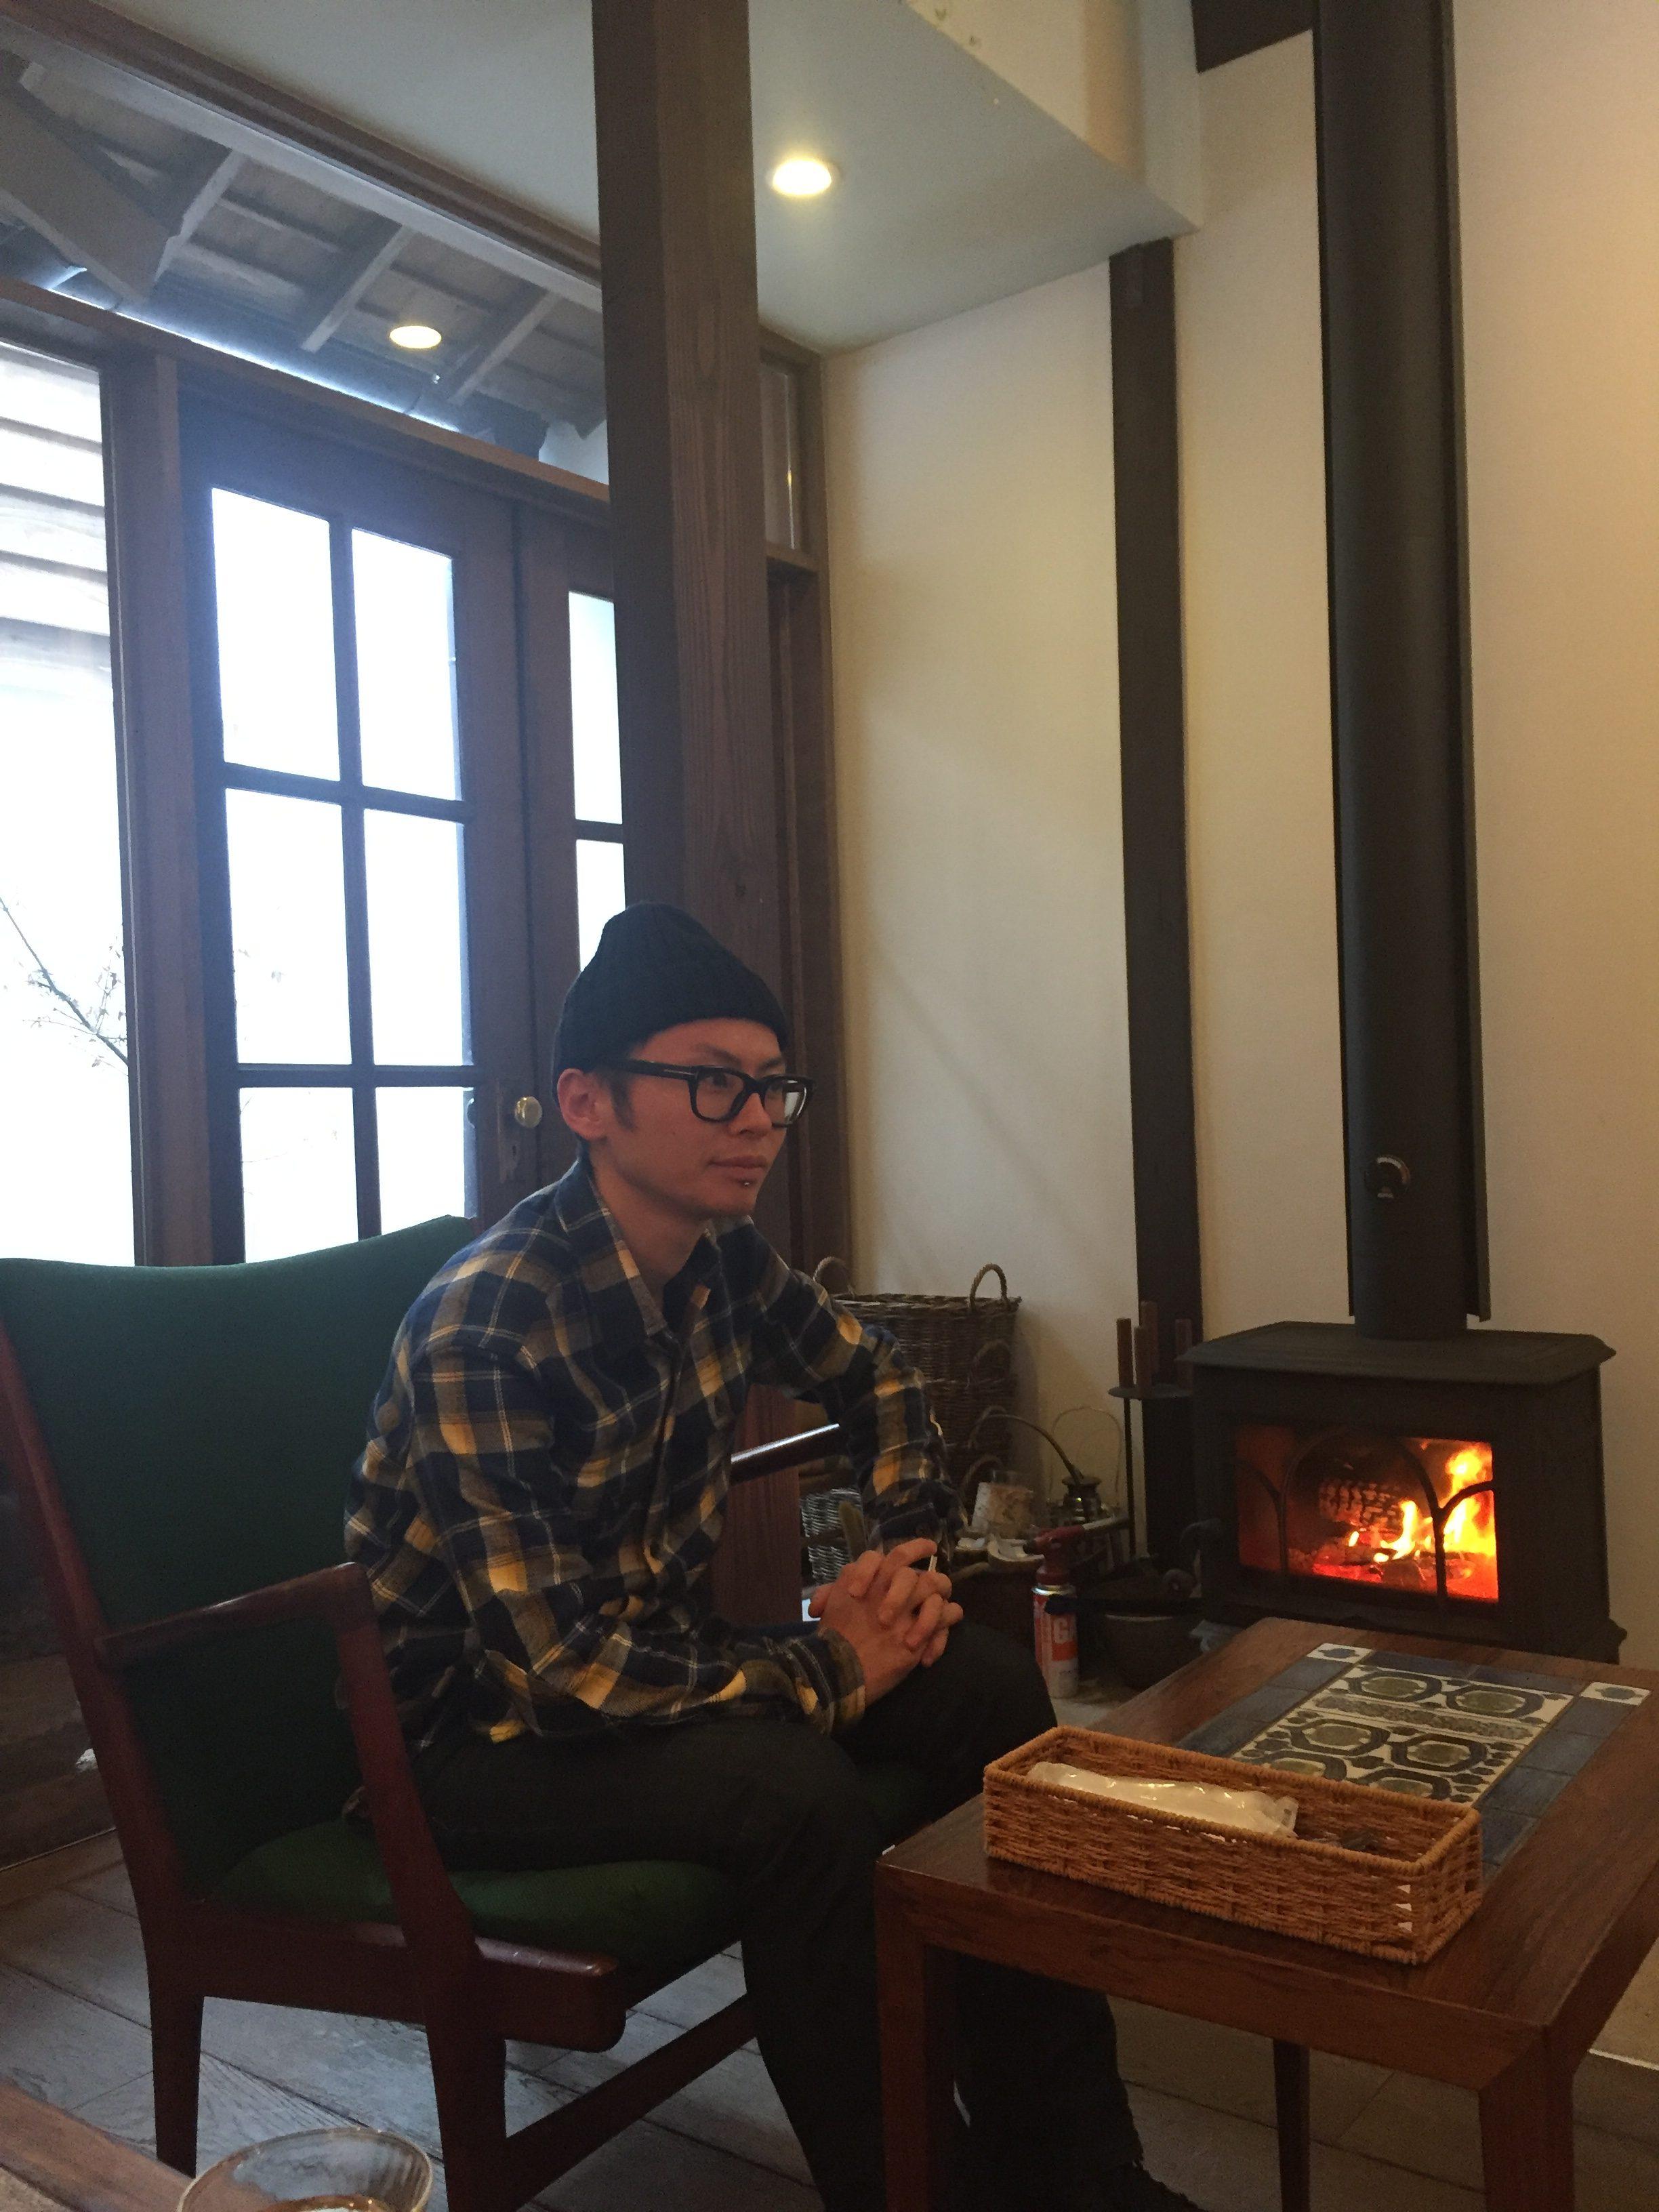 暖炉のあるオシャレカフェ…